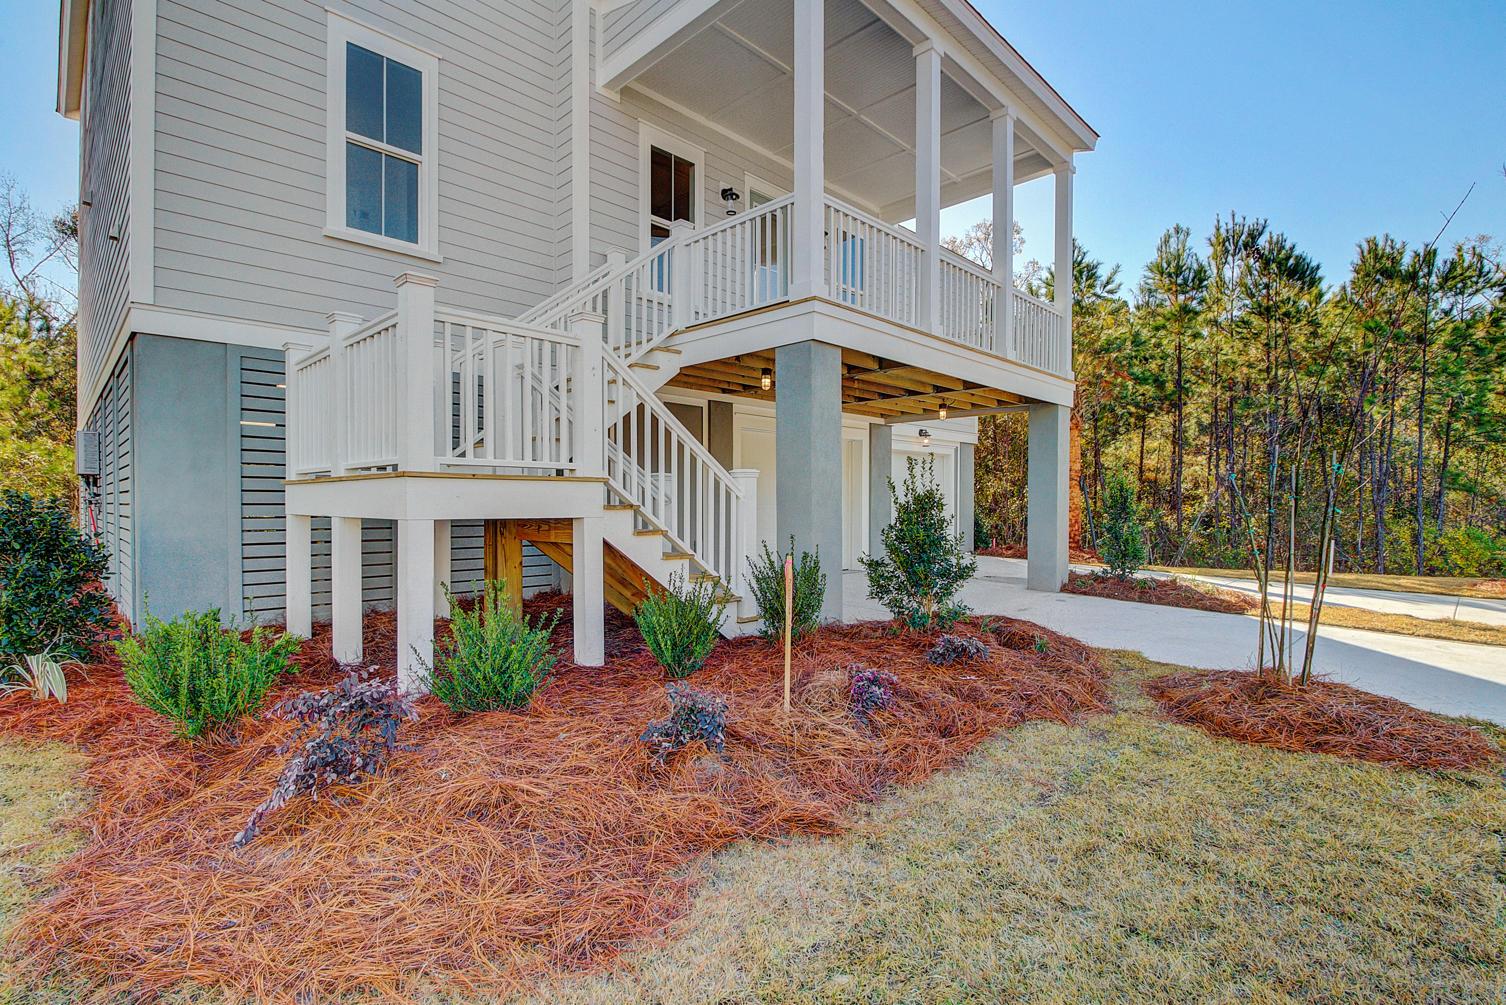 Fulton Park Homes For Sale - 2445 Giles, Mount Pleasant, SC - 25